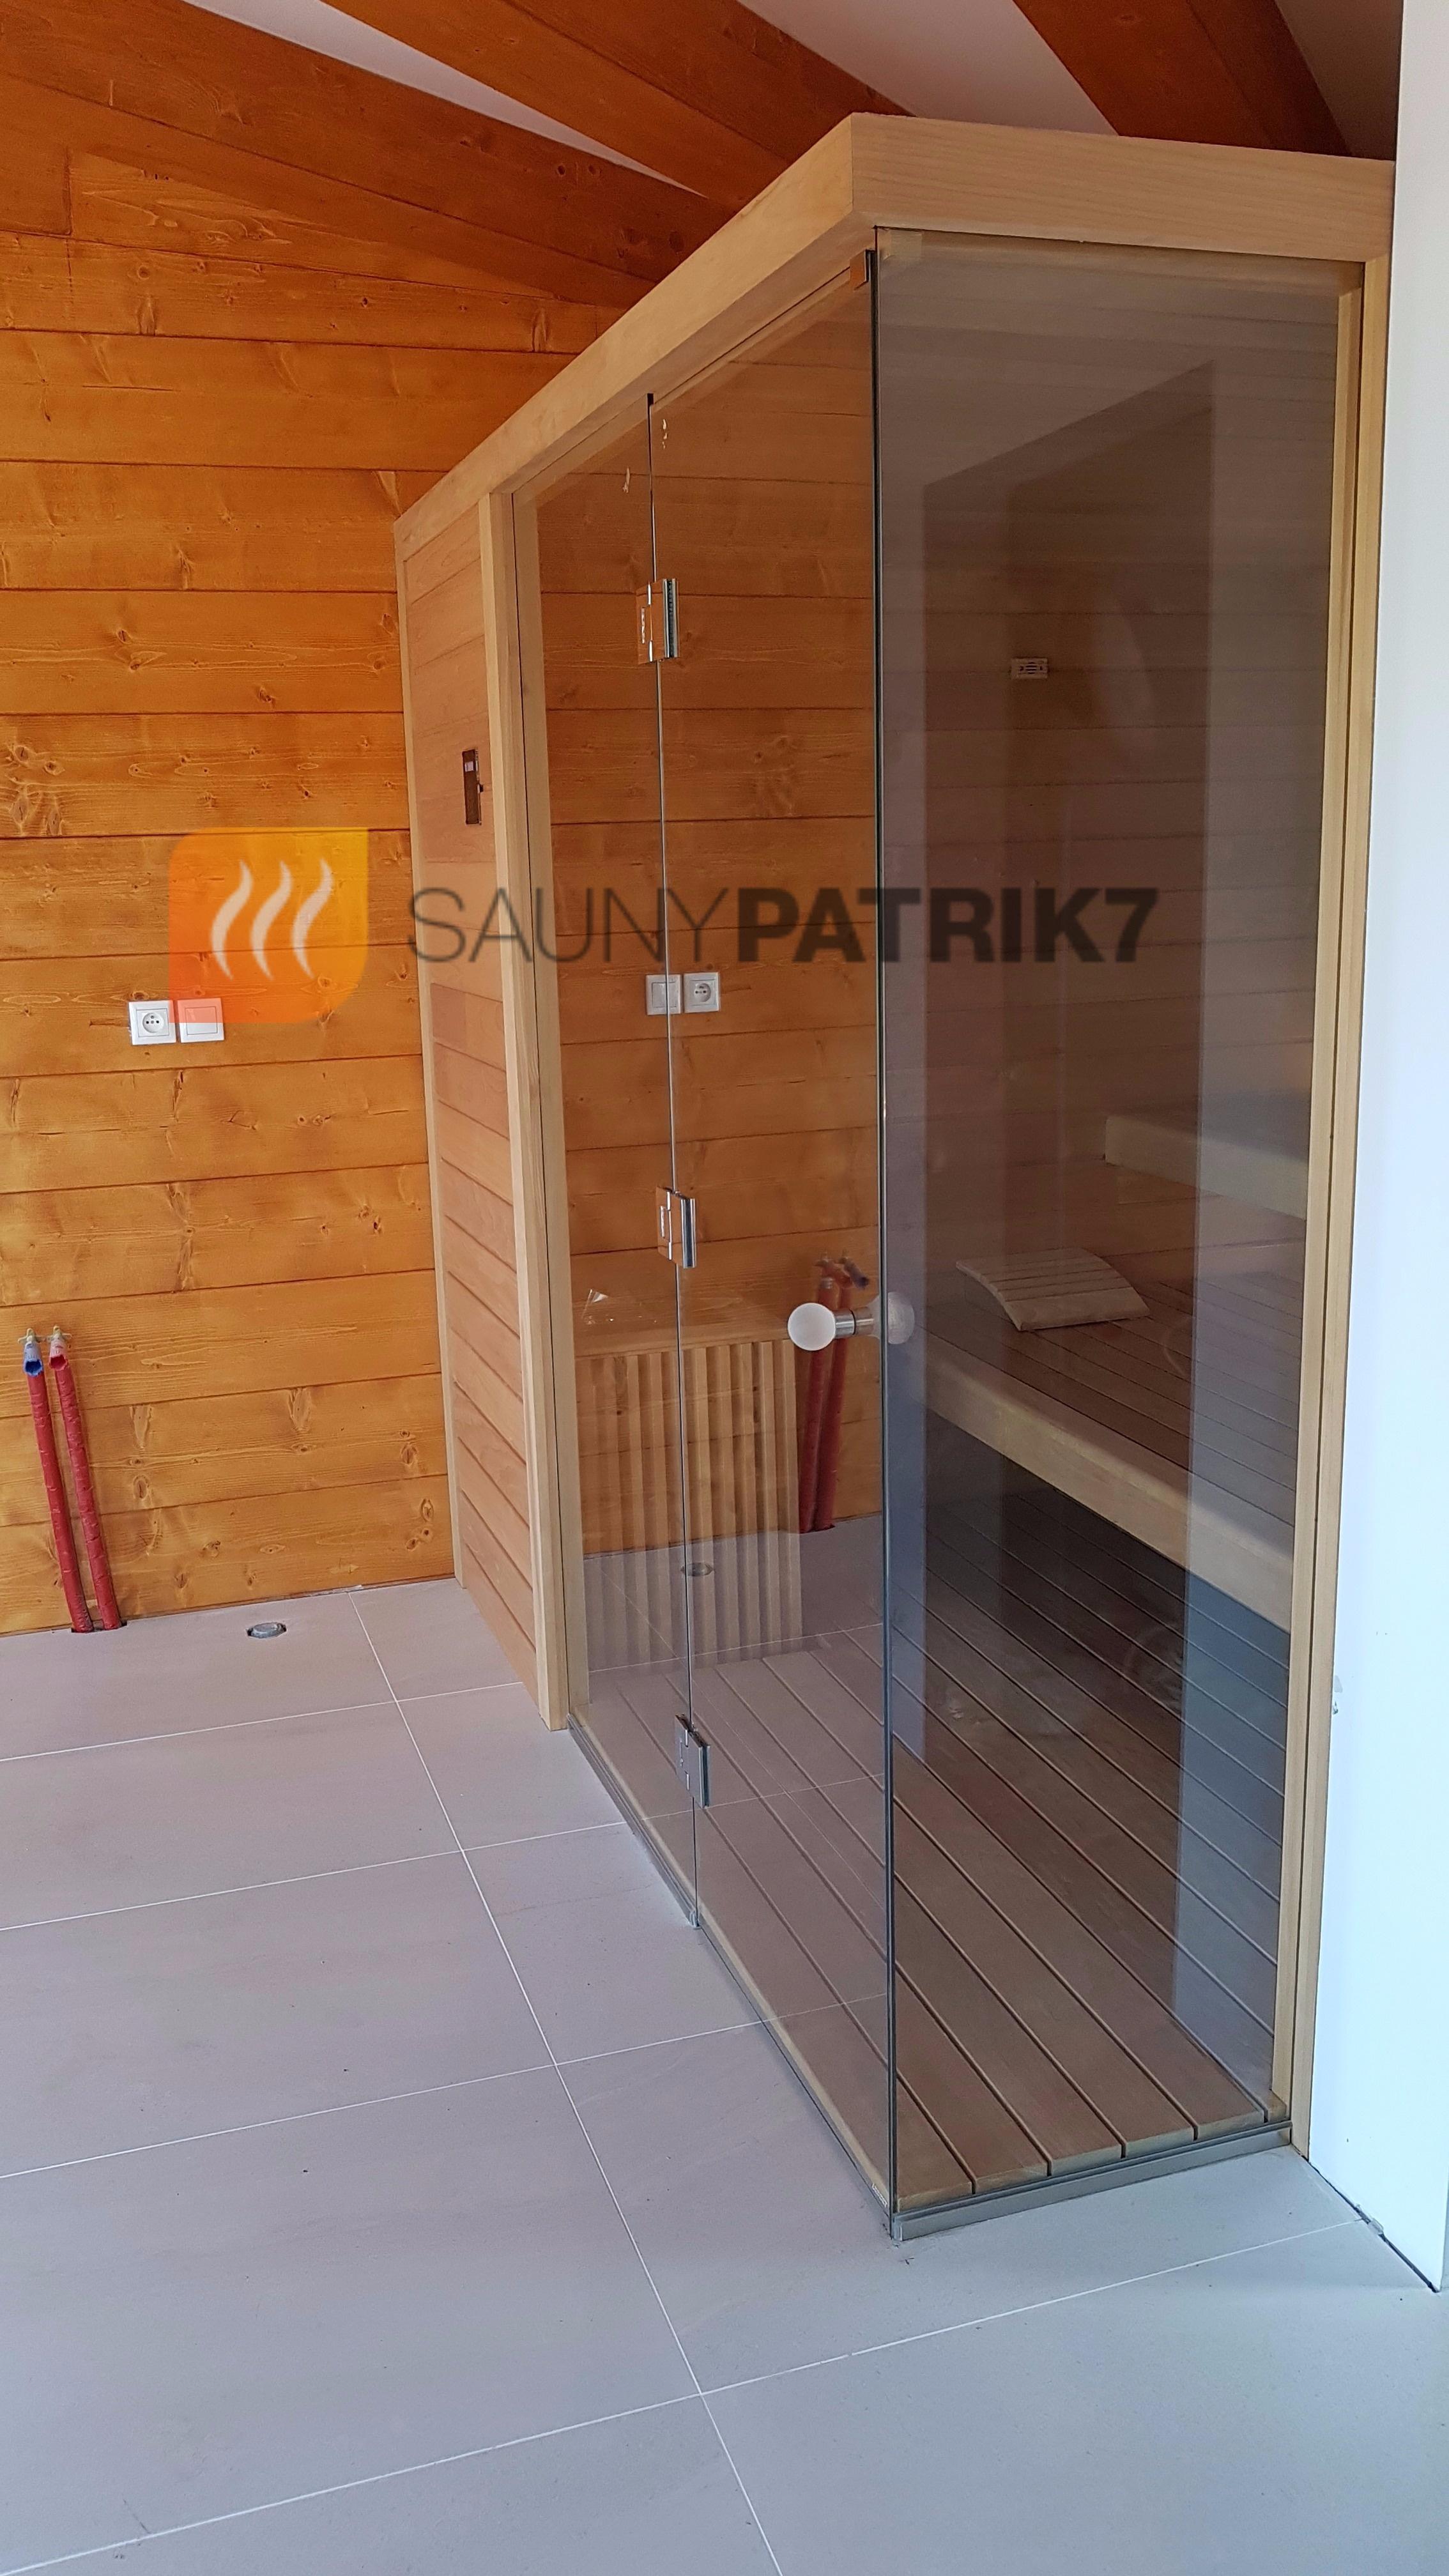 sauny na mieru - sauny patrik 7